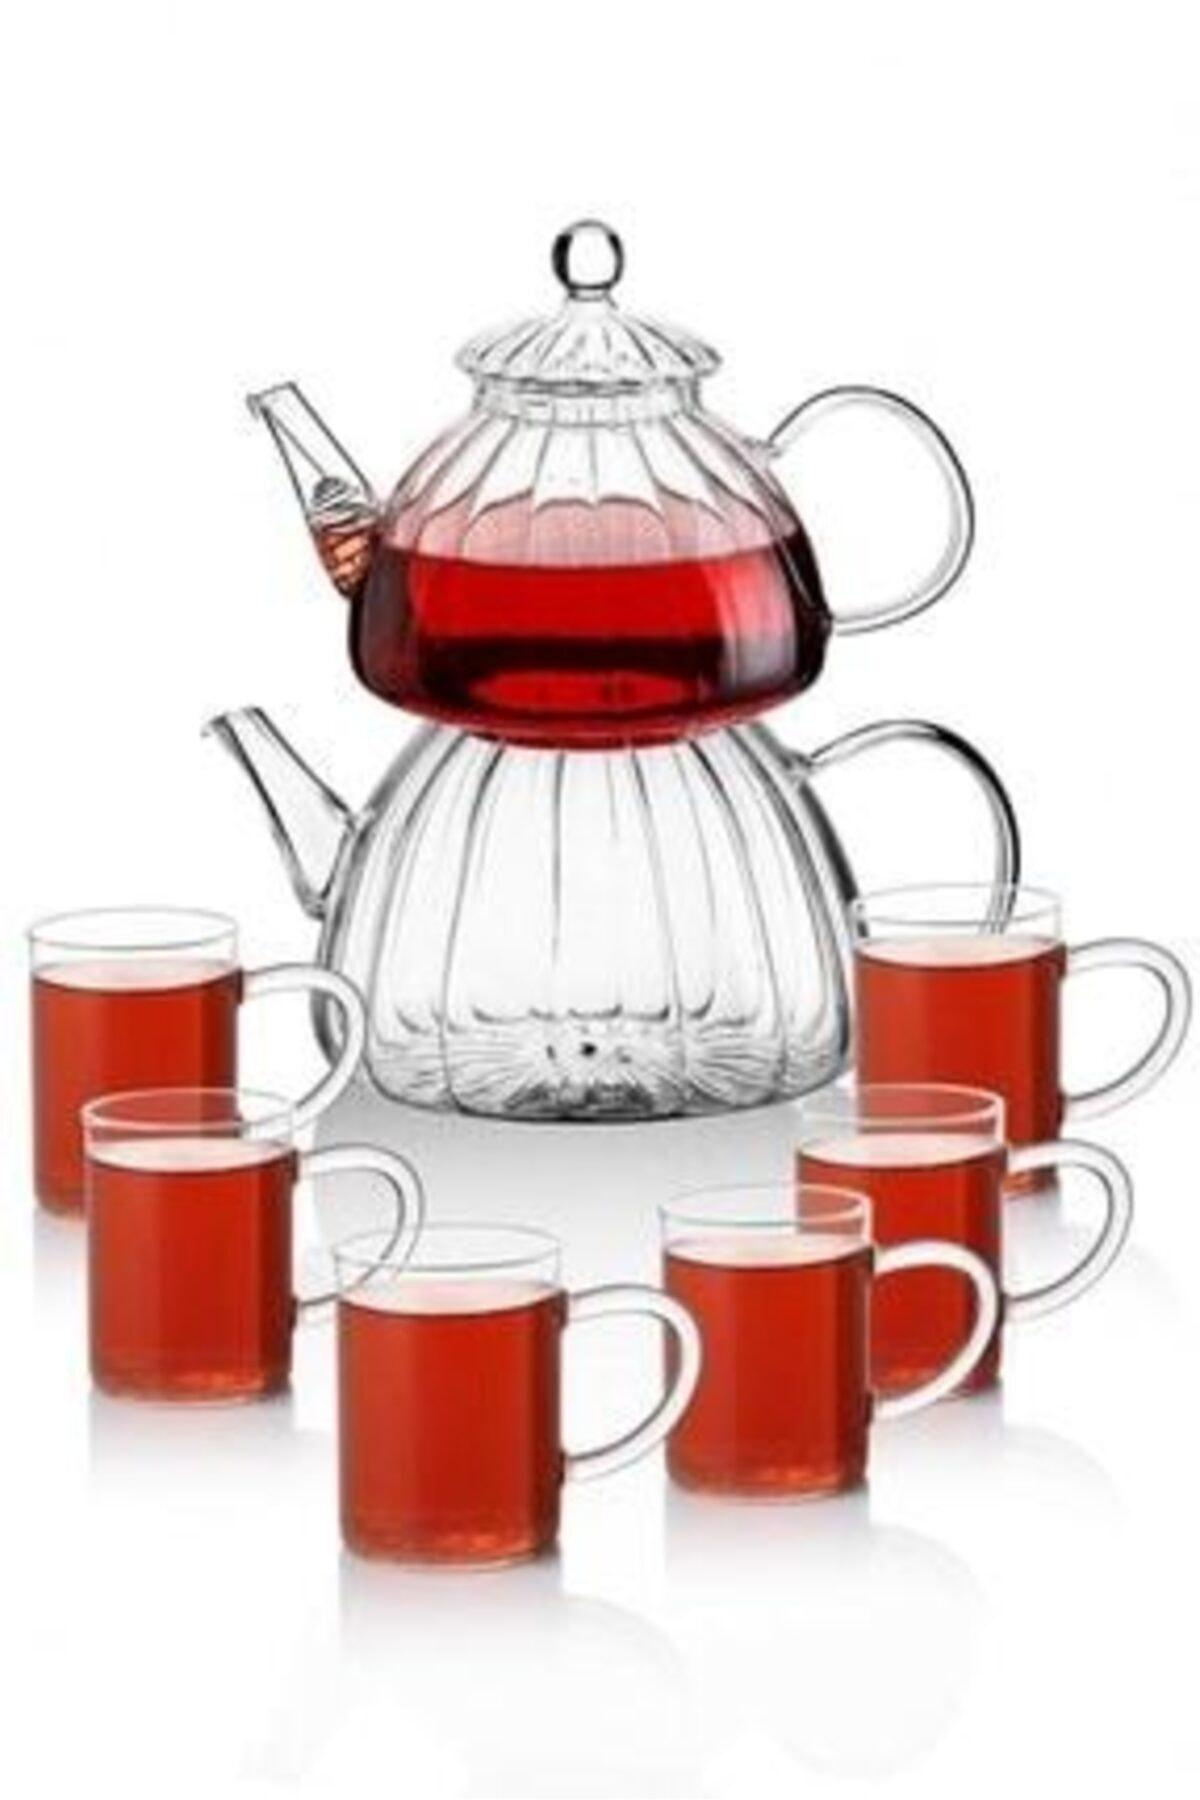 Paçi Borasilikat Cam Çaydanlık ve 6 Adet Kupa Bardak Takımı 1